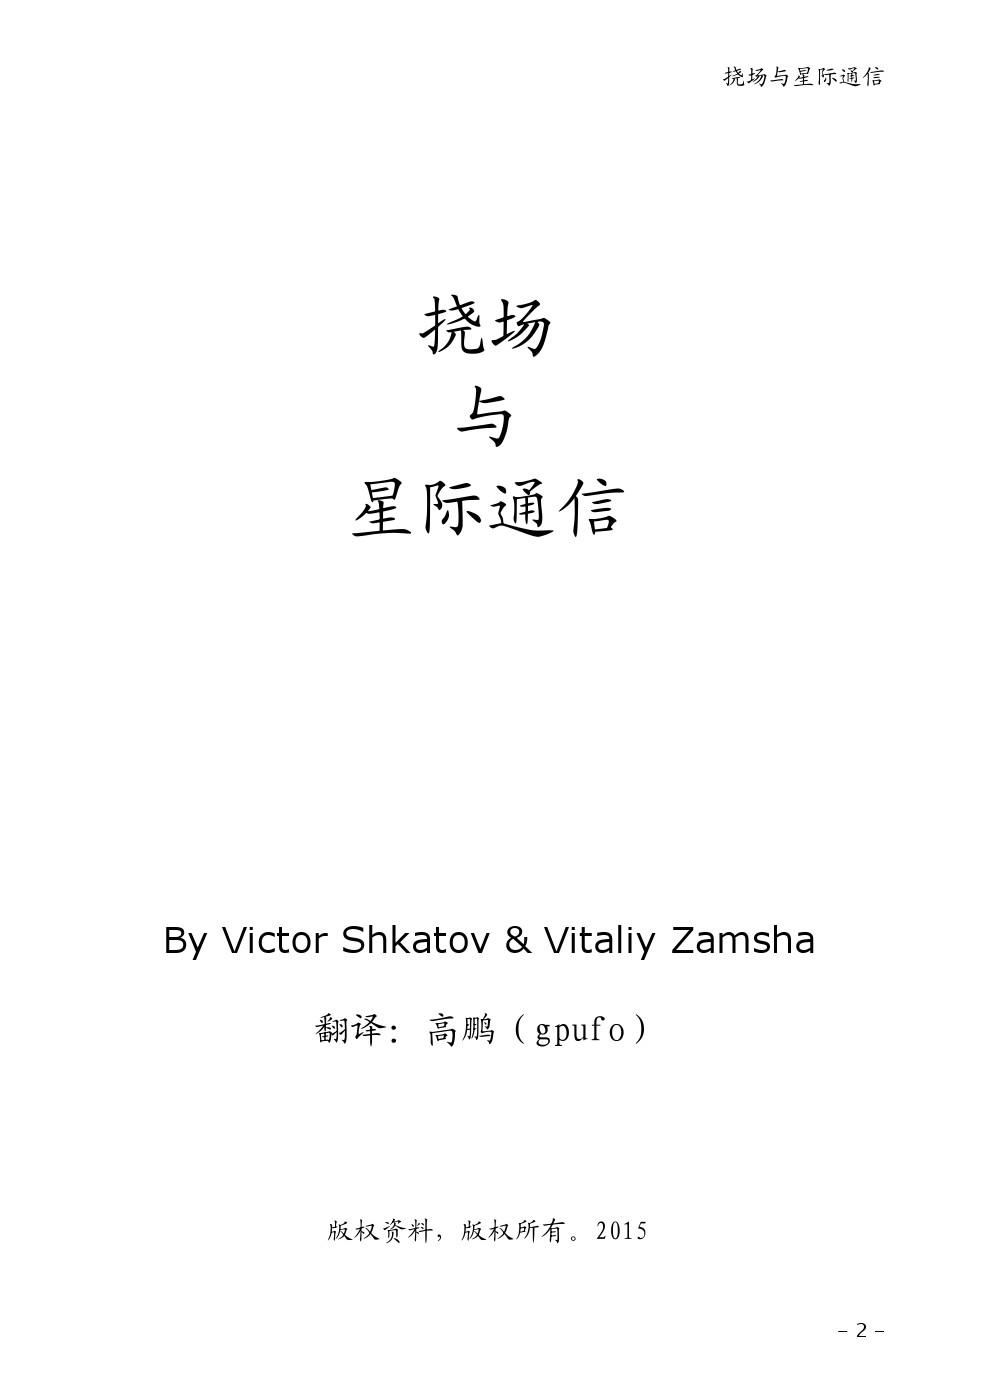 挠场与星际通信 - 作者:Victor.Shkatov & Vitaliy Zamsha